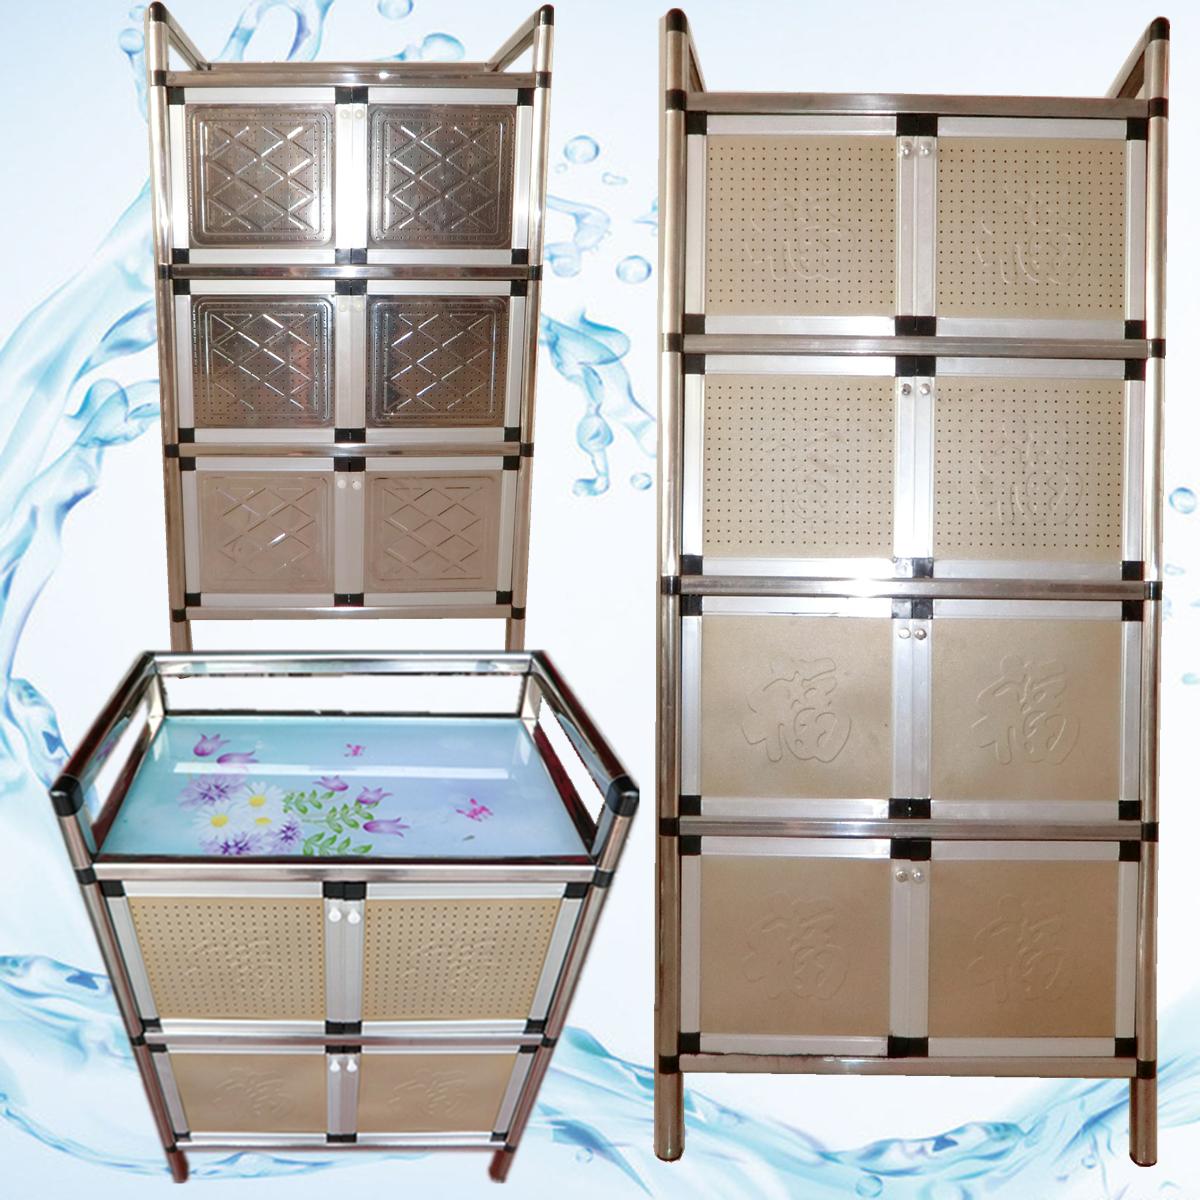 不鏽鋼碗櫃廚房櫃餐邊櫃茶水櫃儲物櫃簡易微波爐架櫃廚房收納柜子